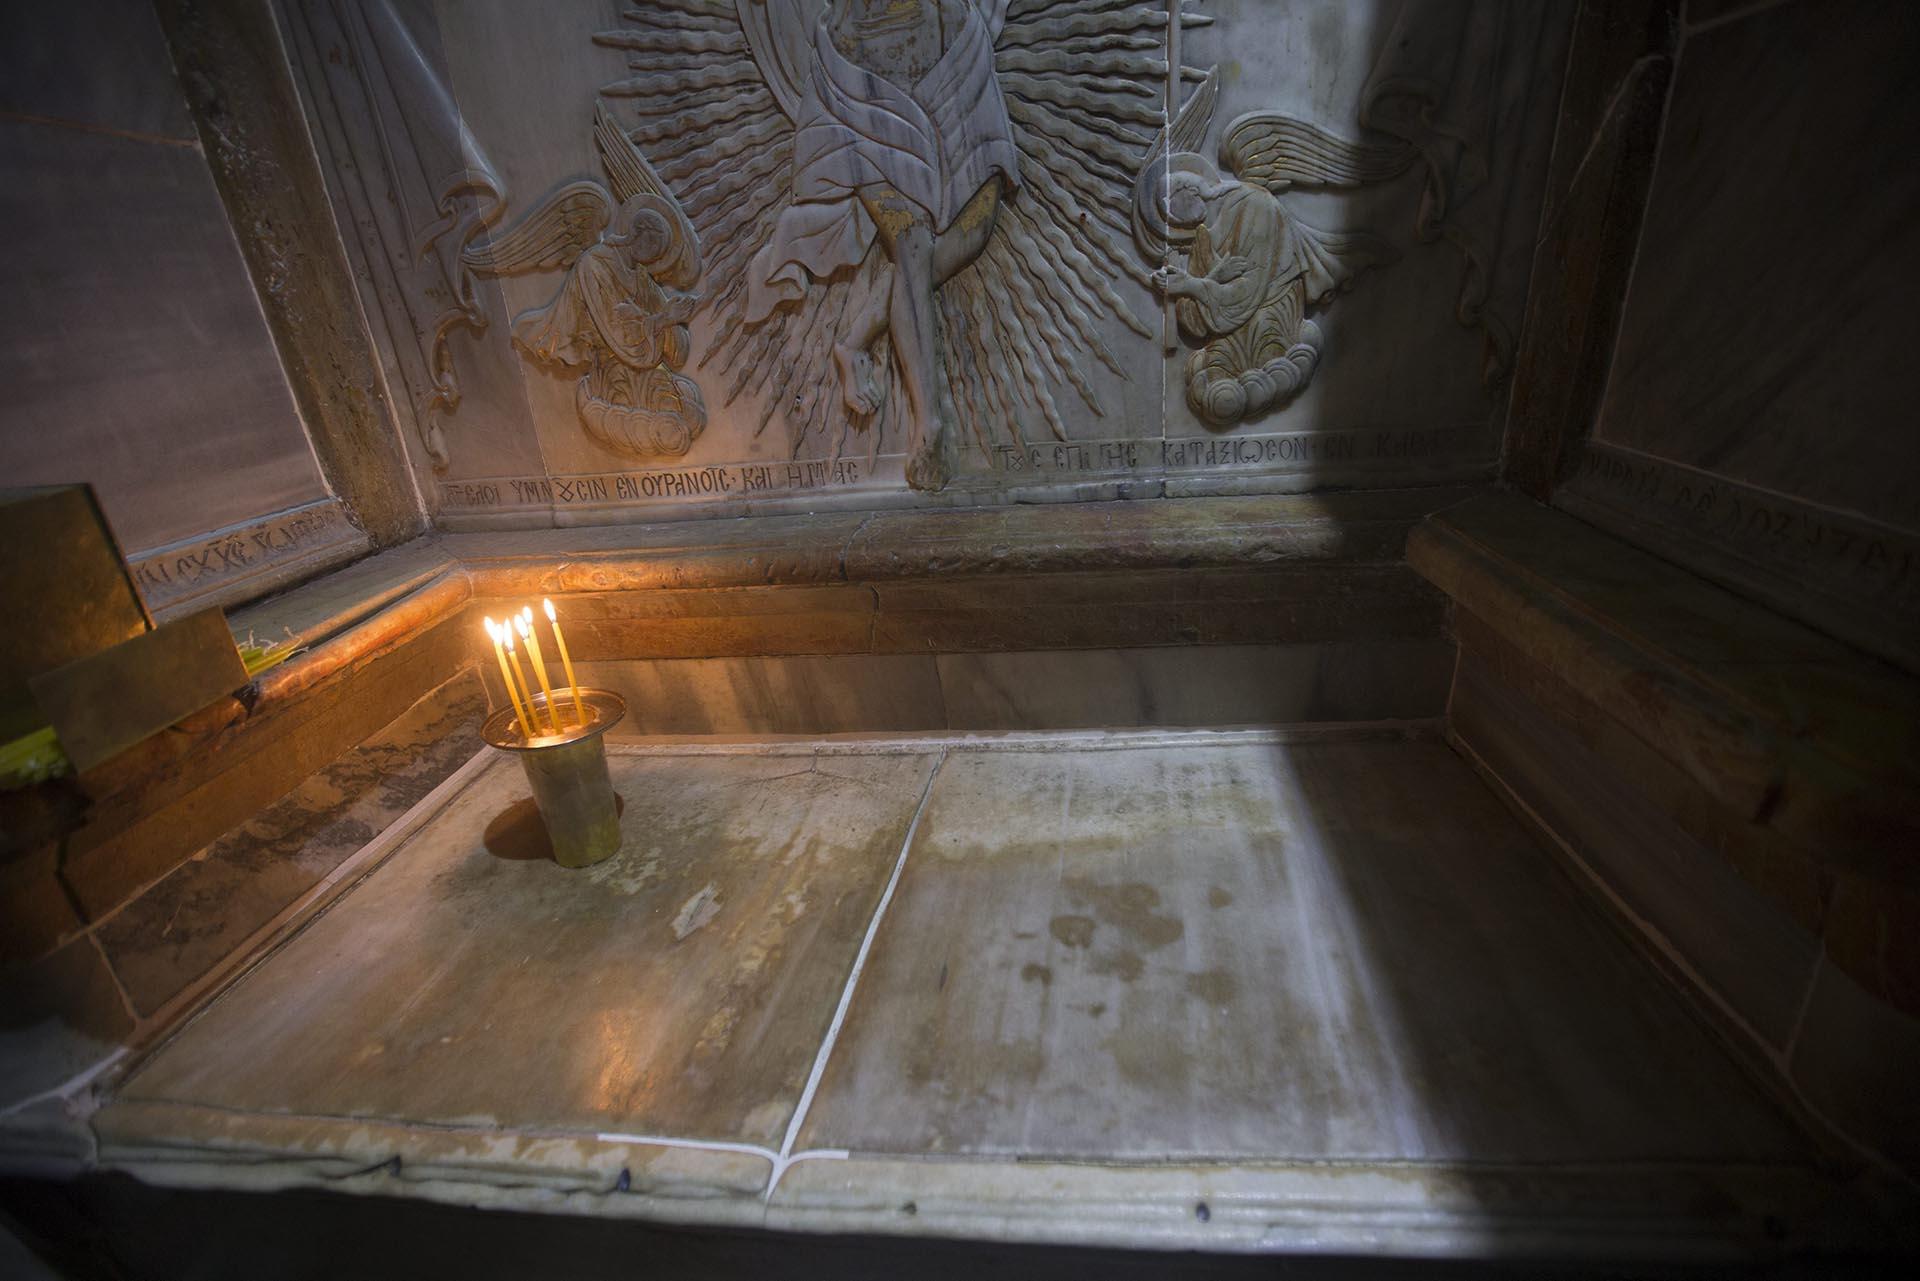 El Santo Sepulcro/Visita virtual /Apertura de la Tumba de Cristo Restauracion-tumba-Jesucristo-Jerusalen-sf-5